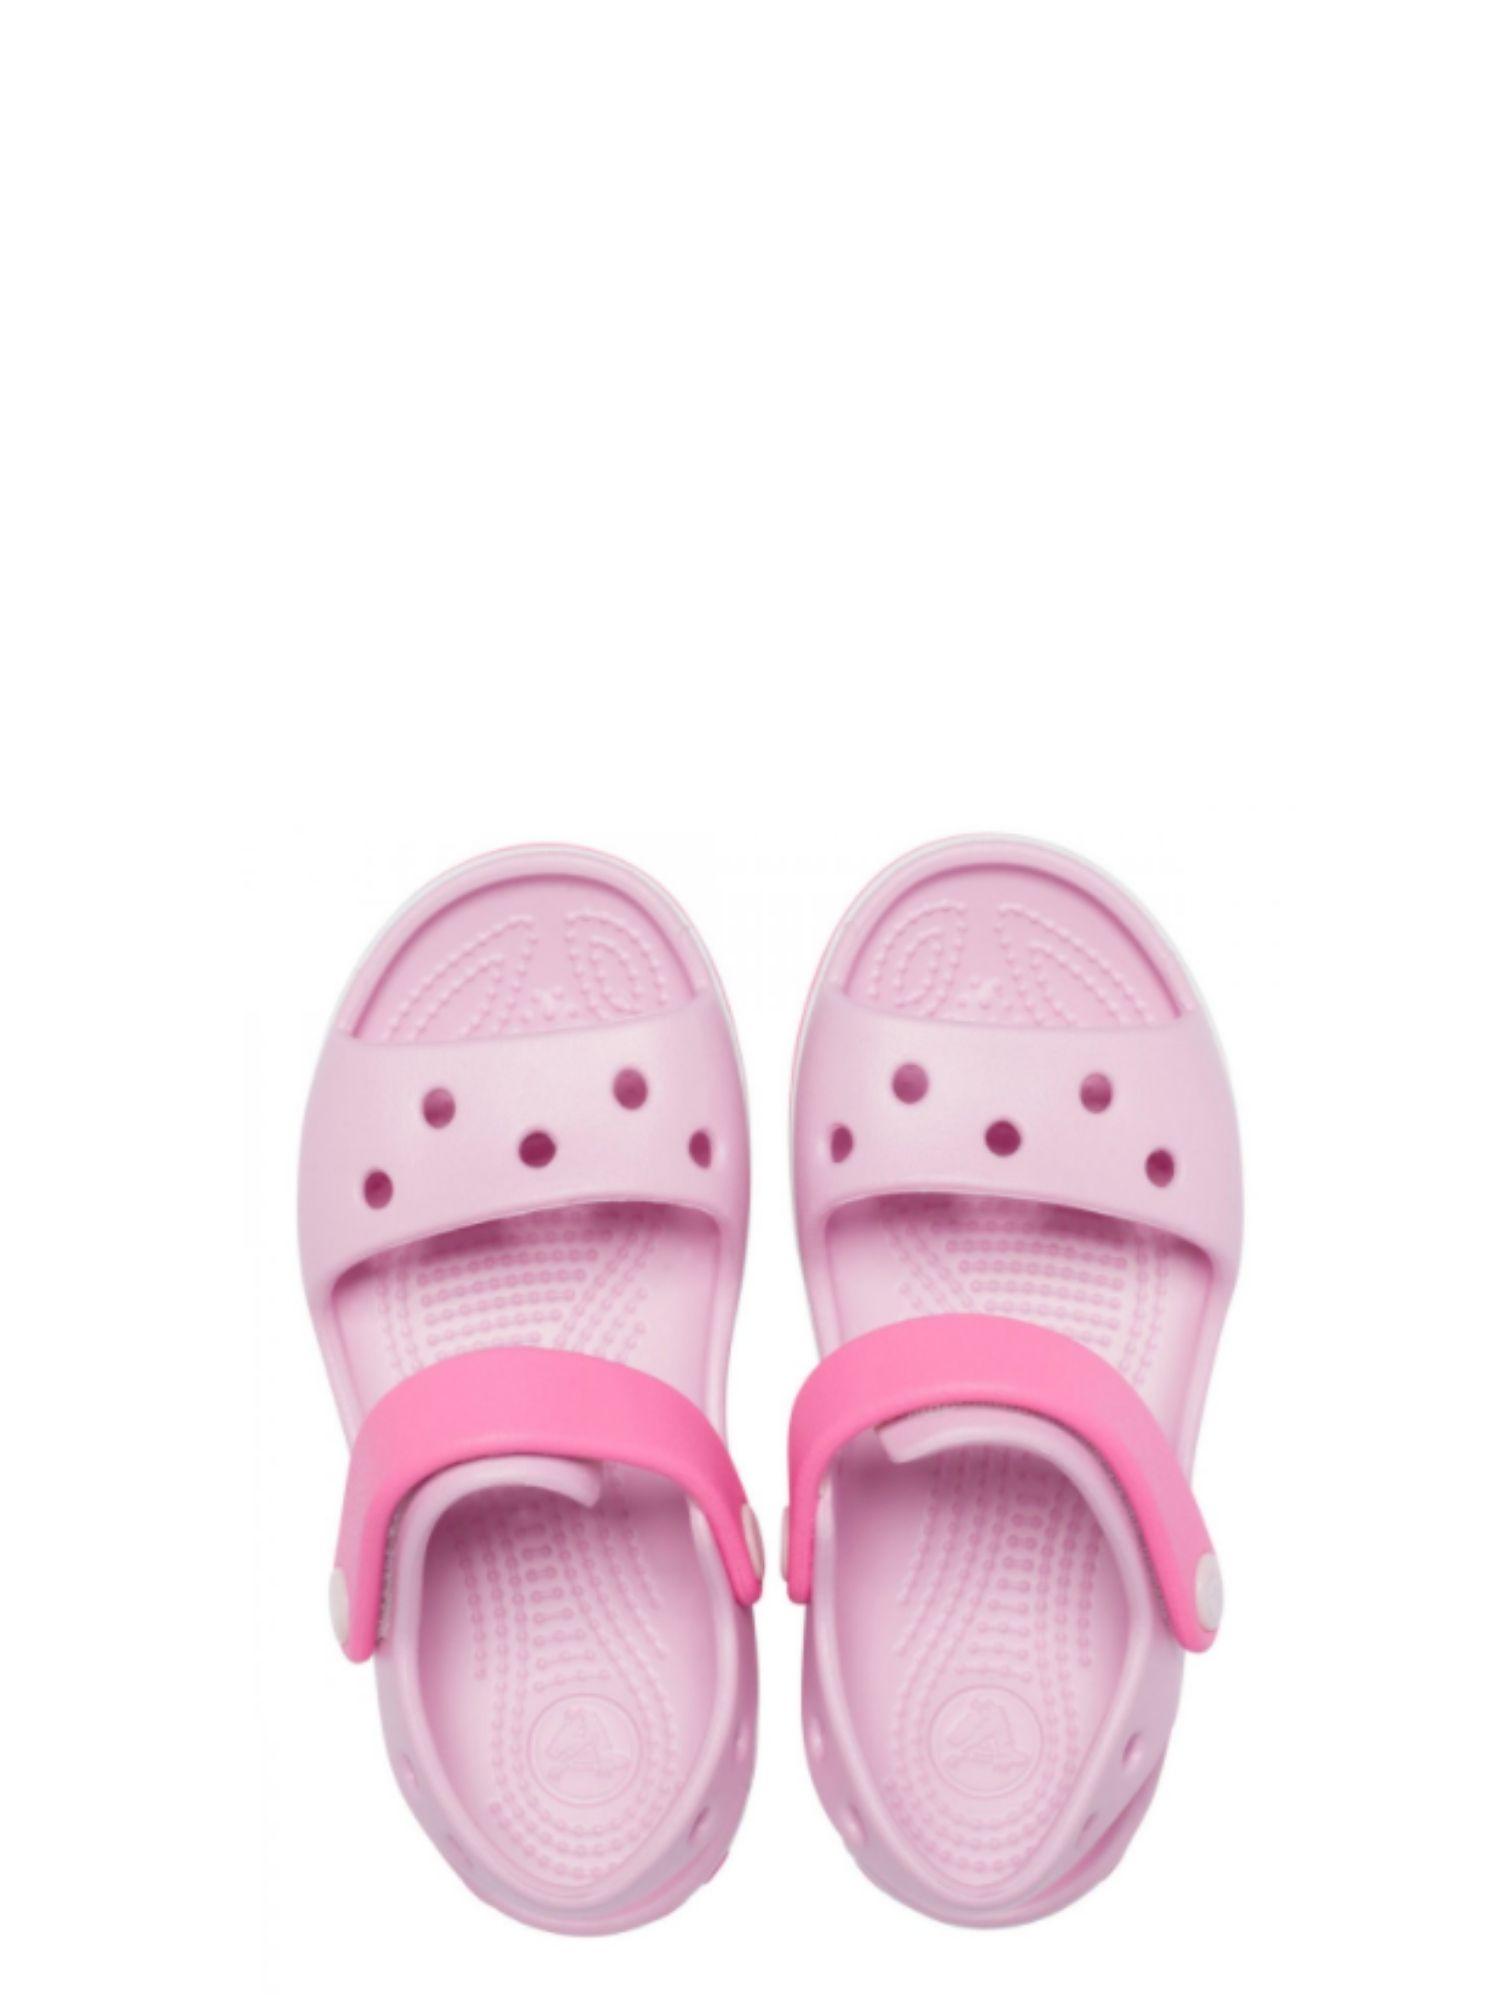 Sandalo Crocs bambino Crocband Sandalo K 12856 Pink alto